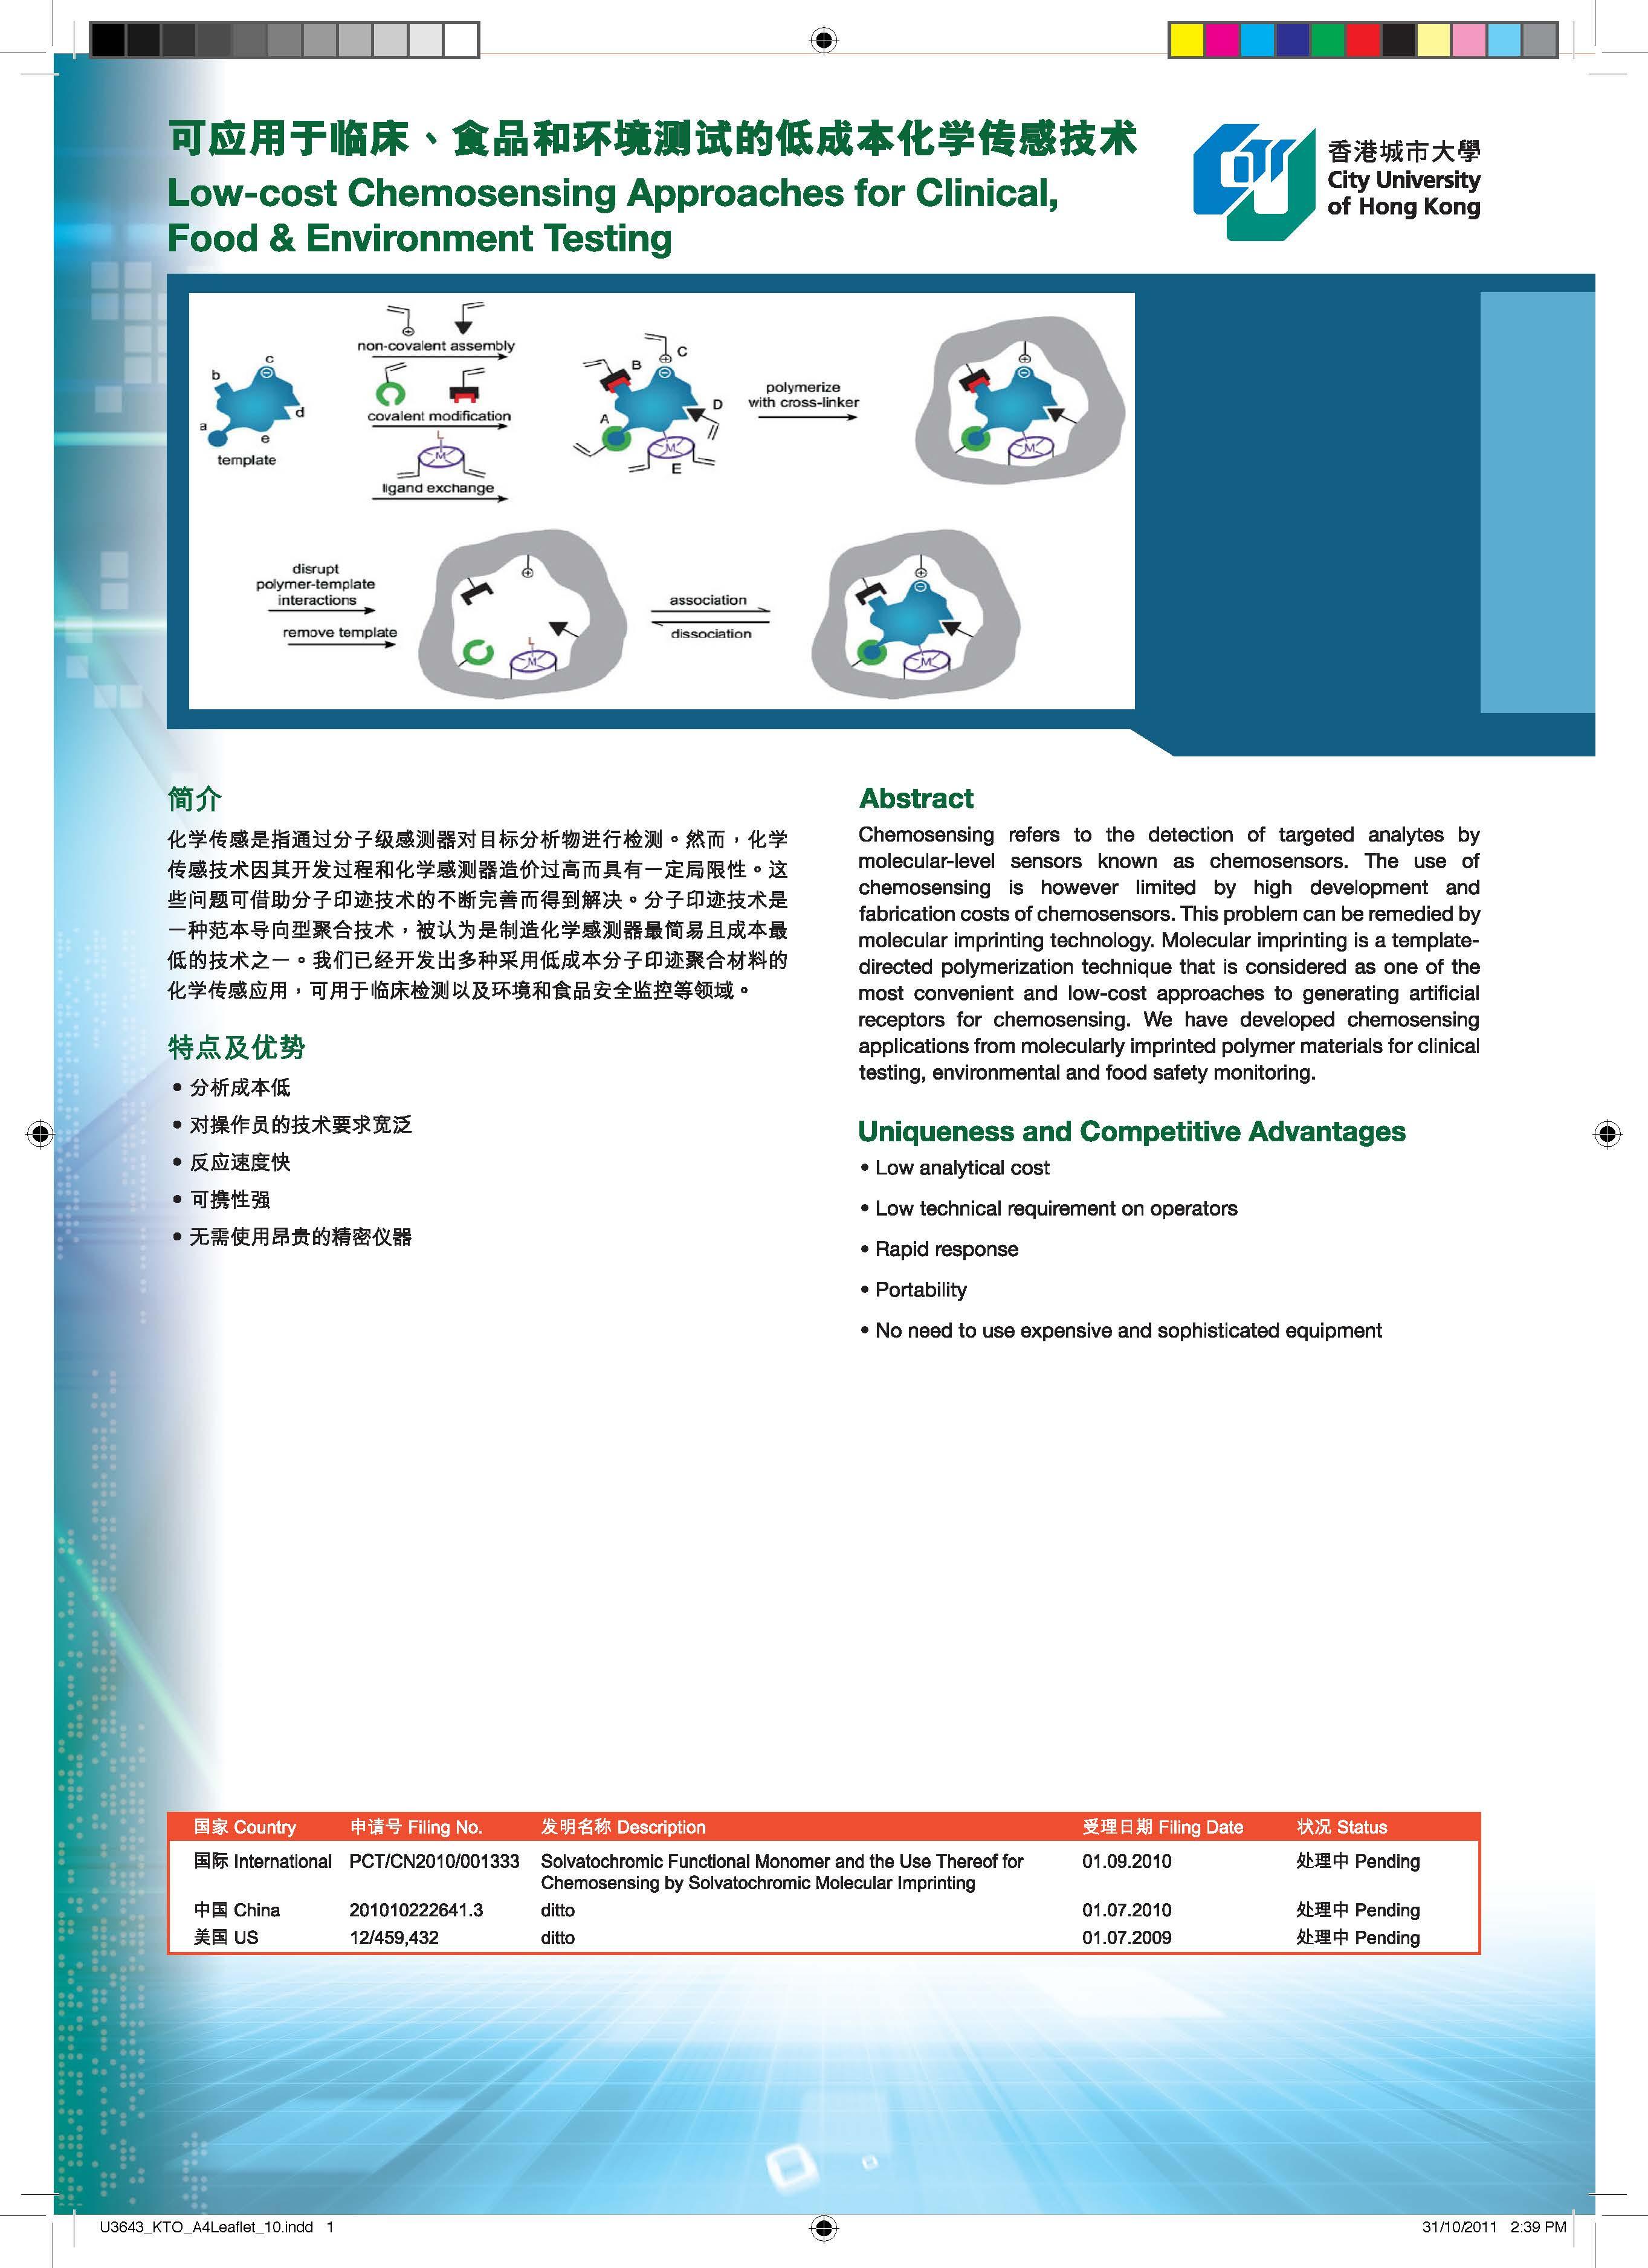 可用于临床、食品和环境测试的低成本化学传感技术.jpg